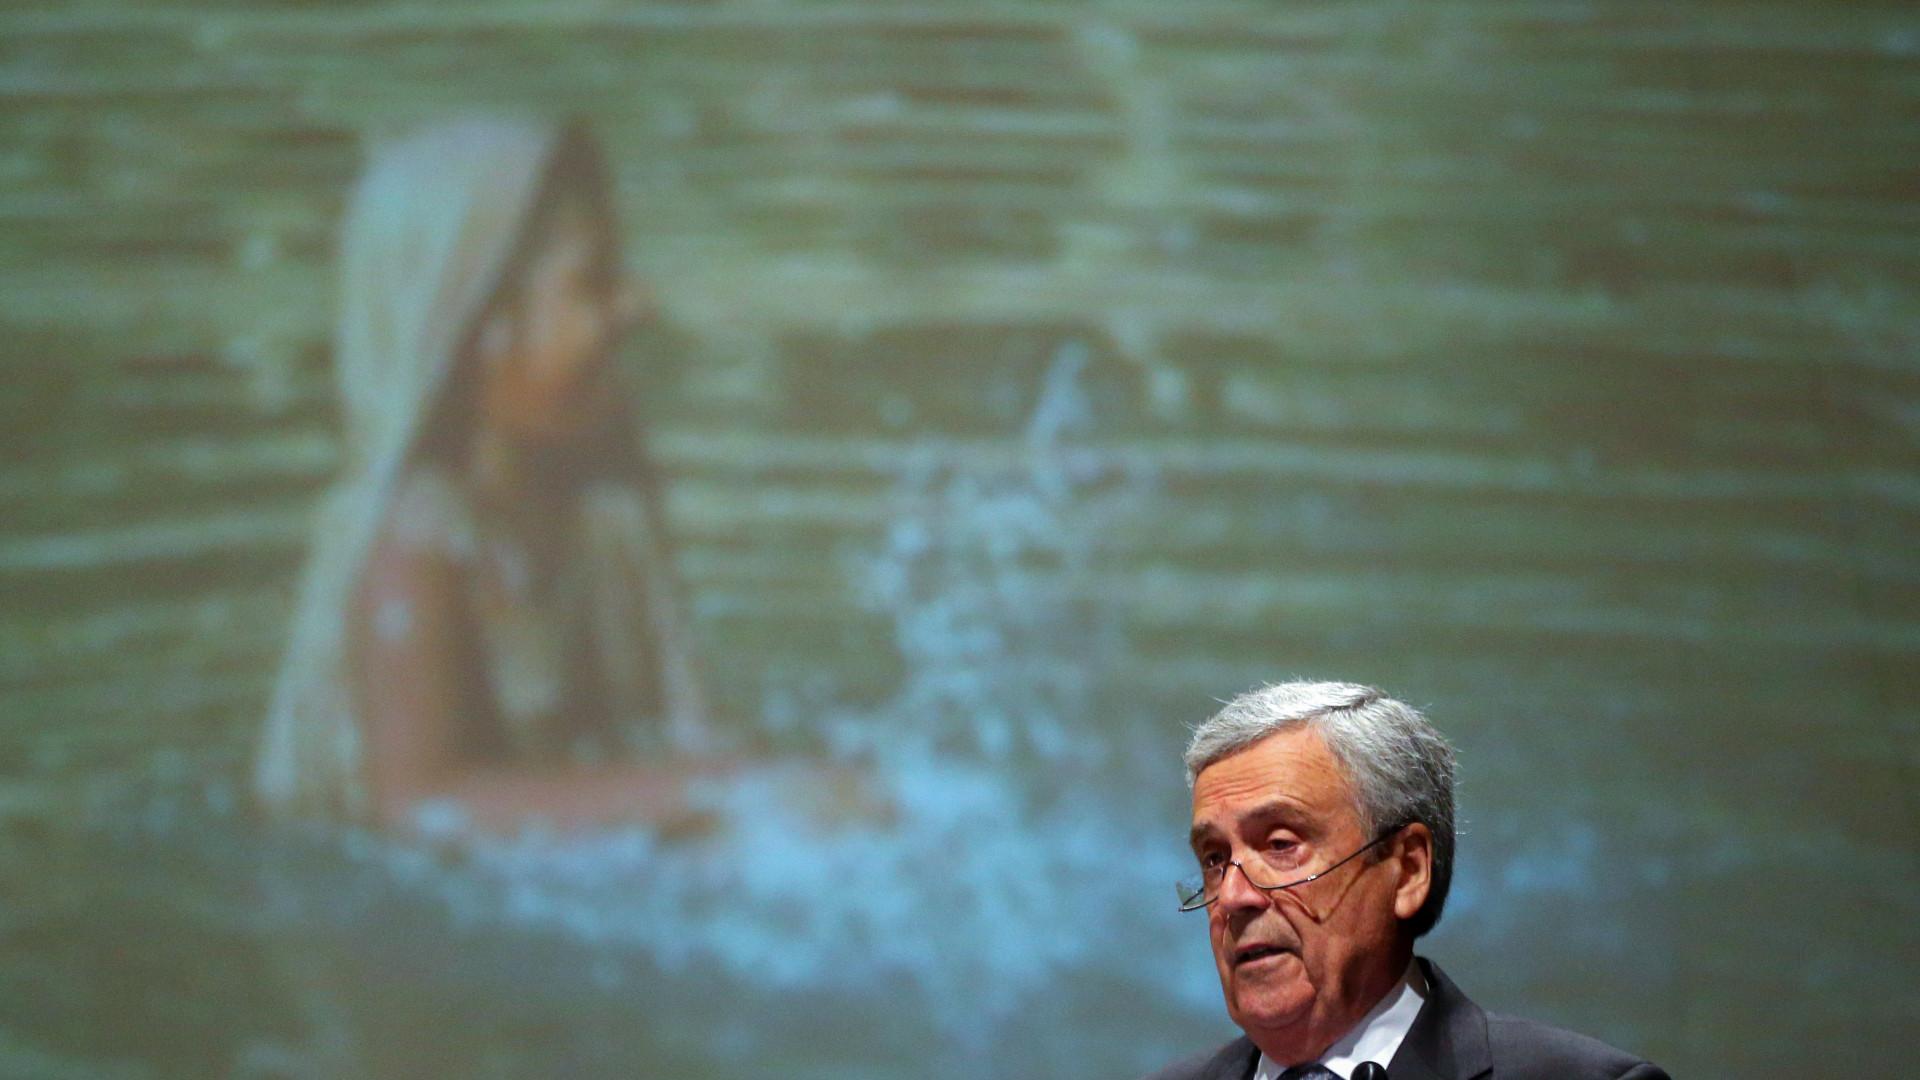 Conselho Mundial da Água sugere barragens e faturas diferenciadas